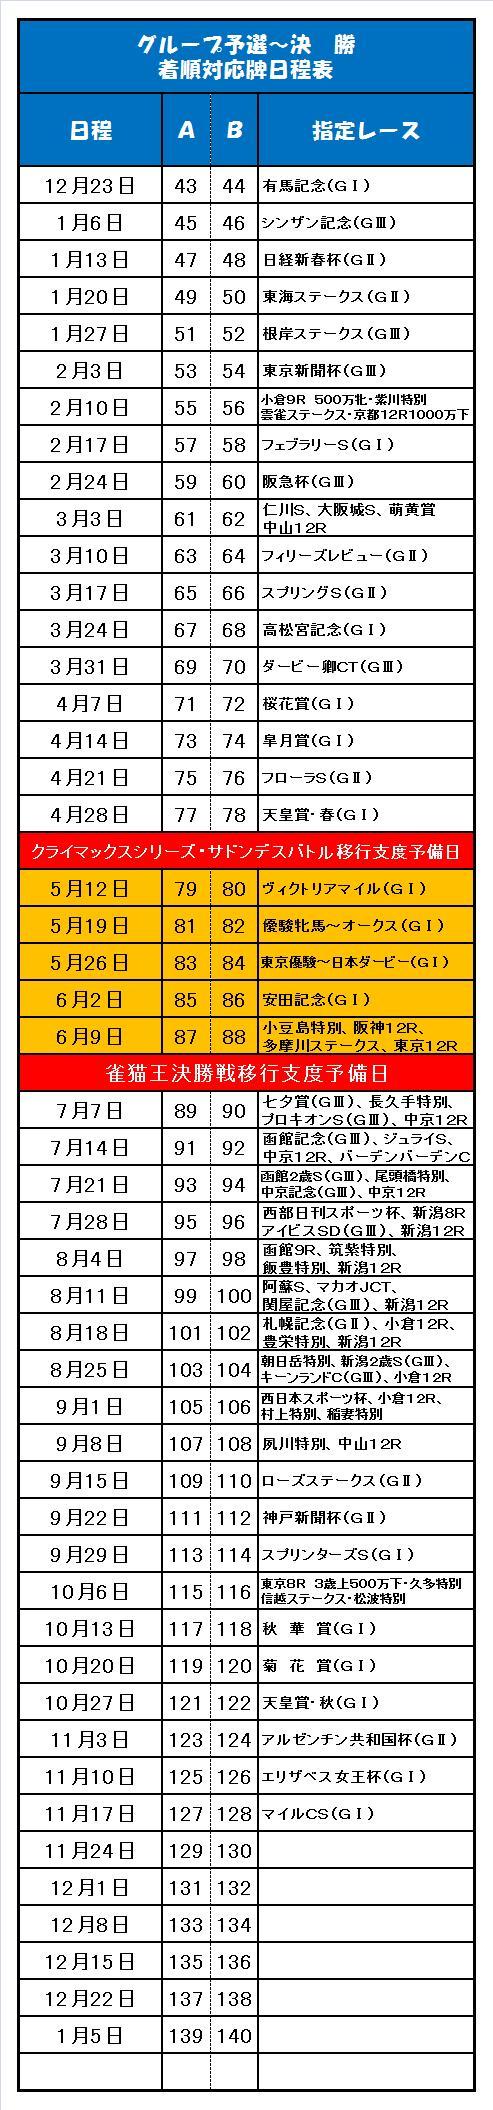 20131110・日程表.jpg